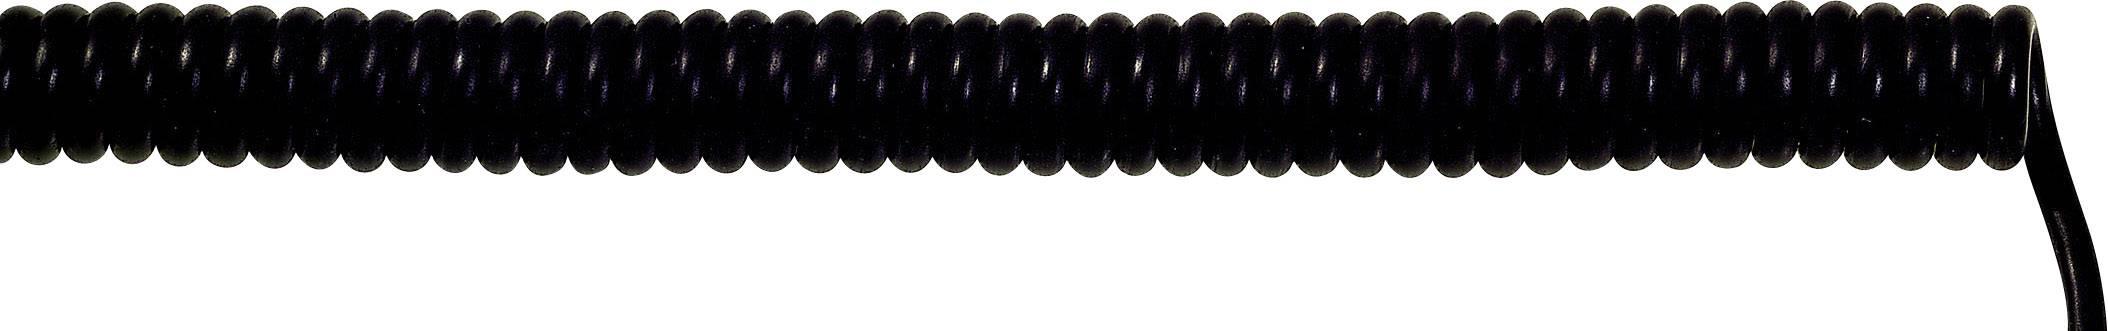 Špirálový kábel 73220228 UNITRONIC® SPIRAL 7 x 0.14 mm², 400 mm / 1600 mm, čierna